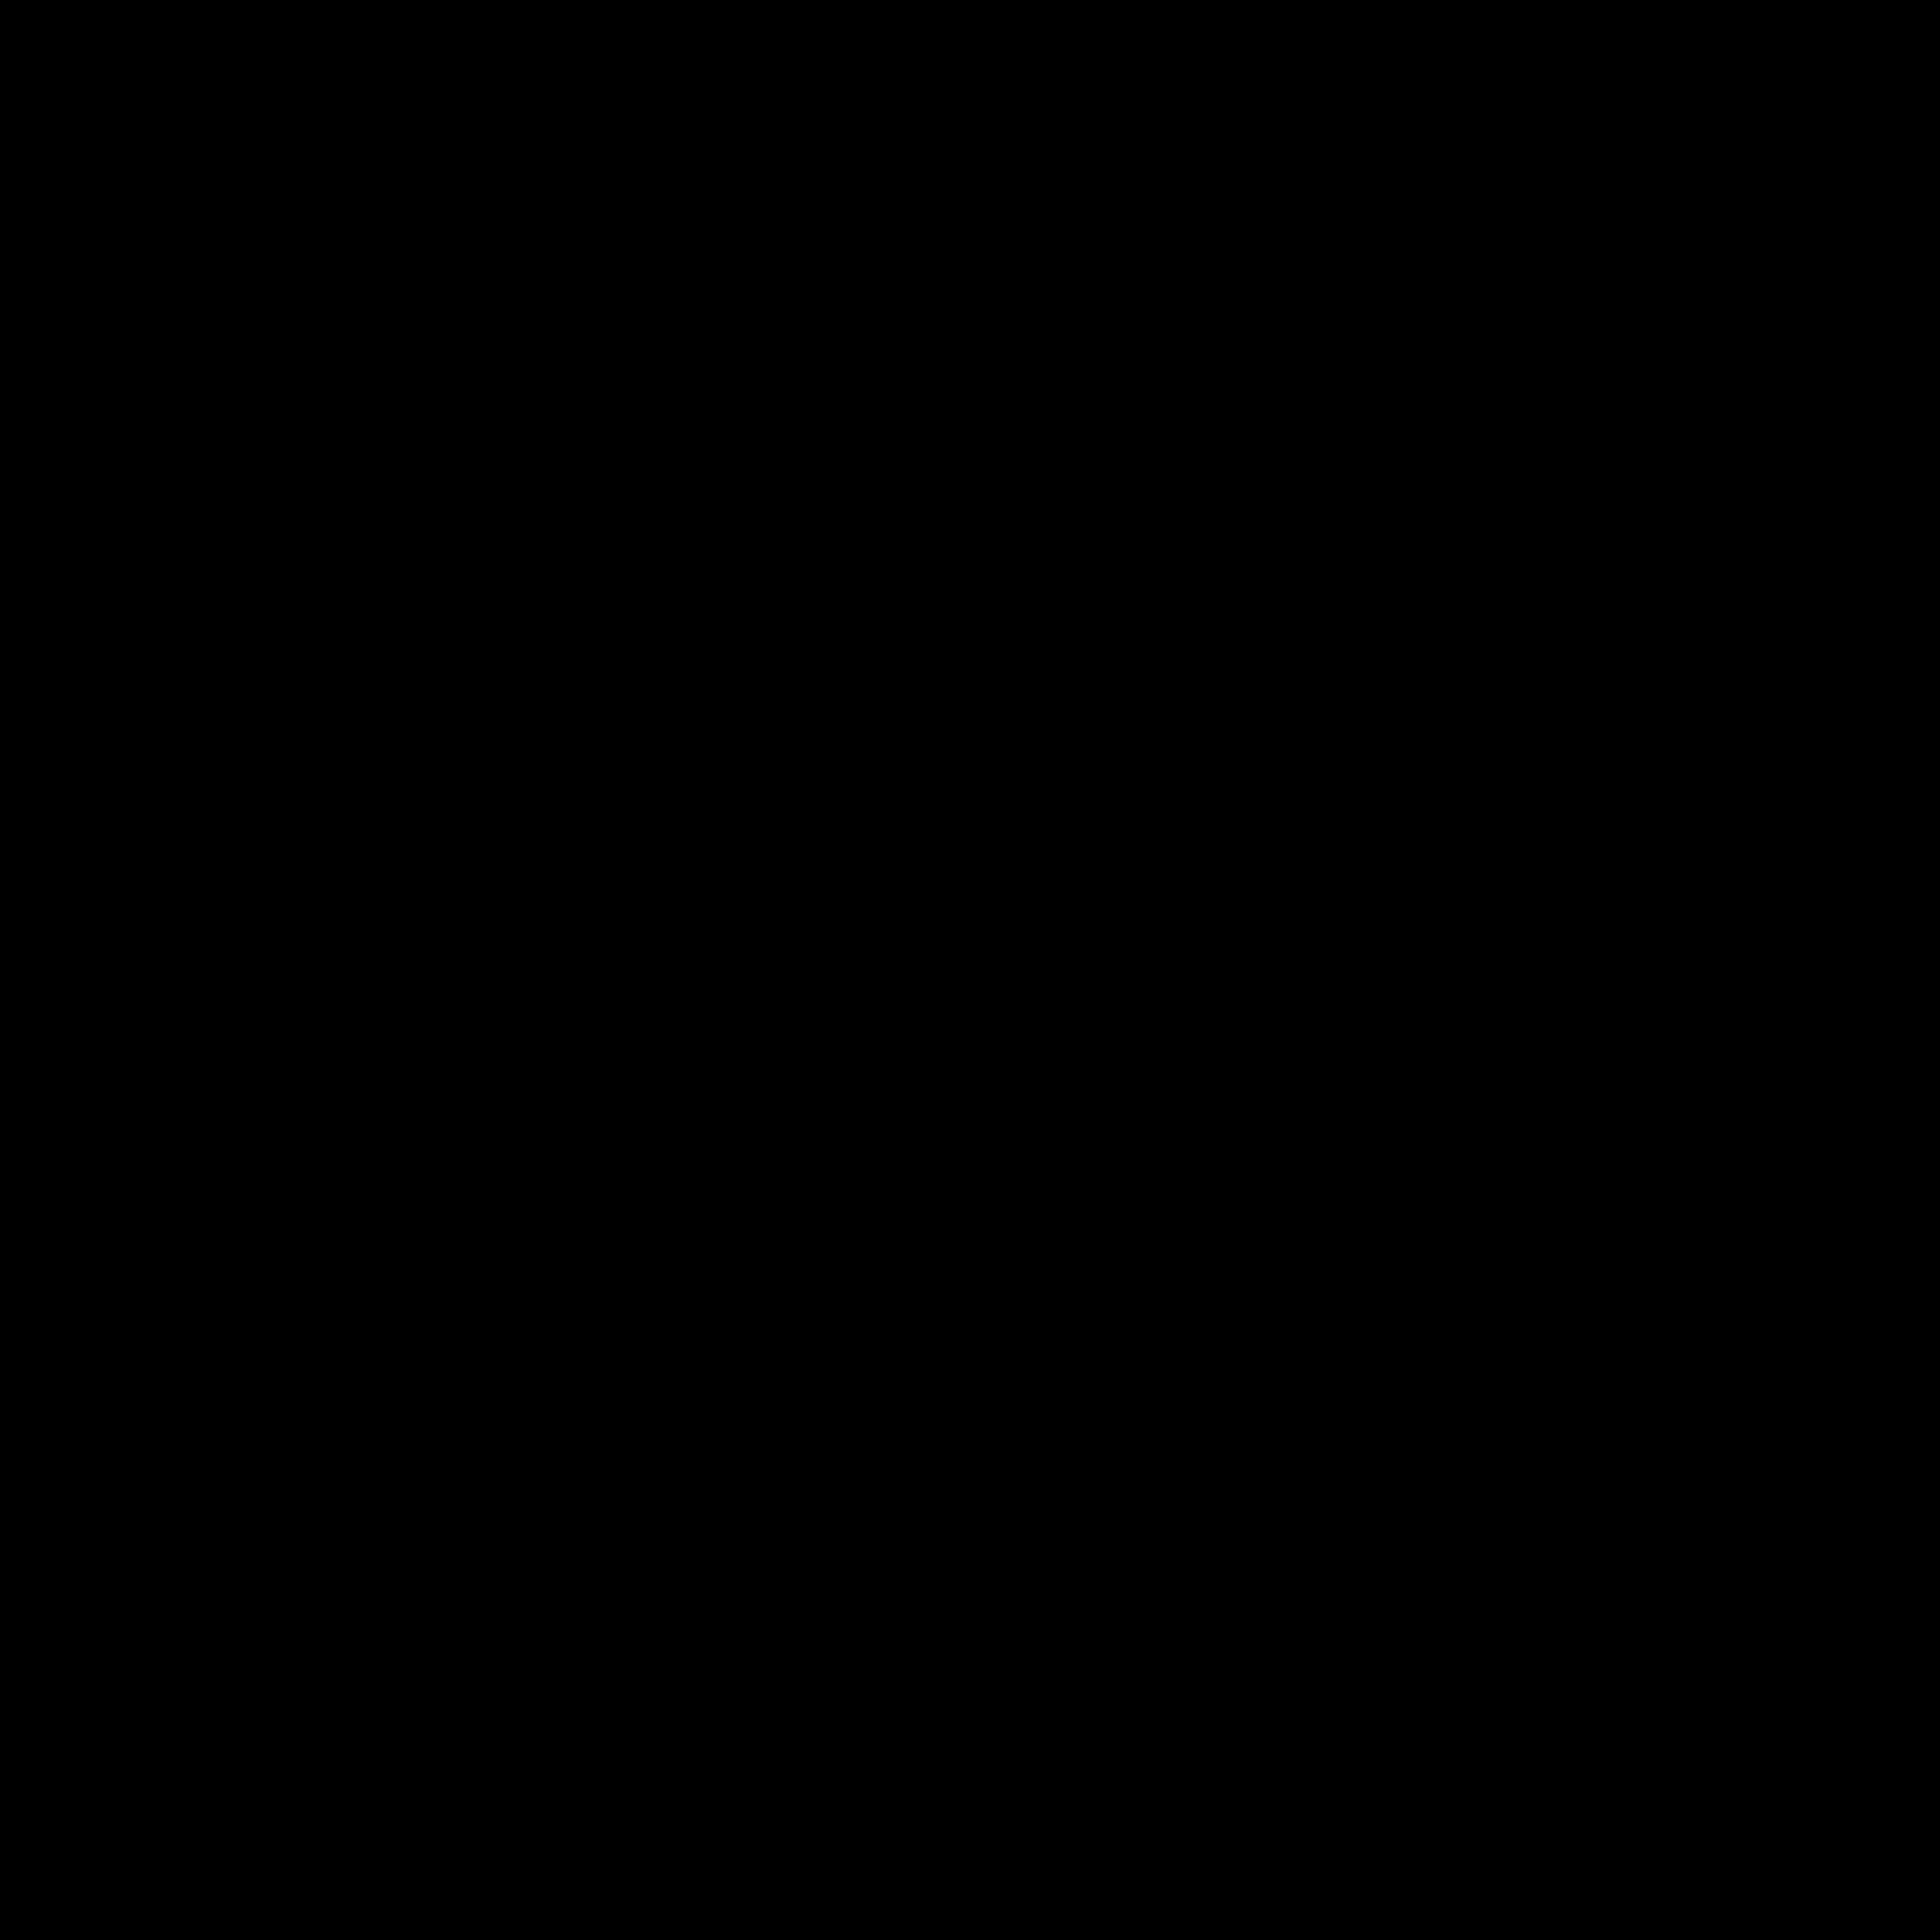 Wine Bottle Candle Company Logo